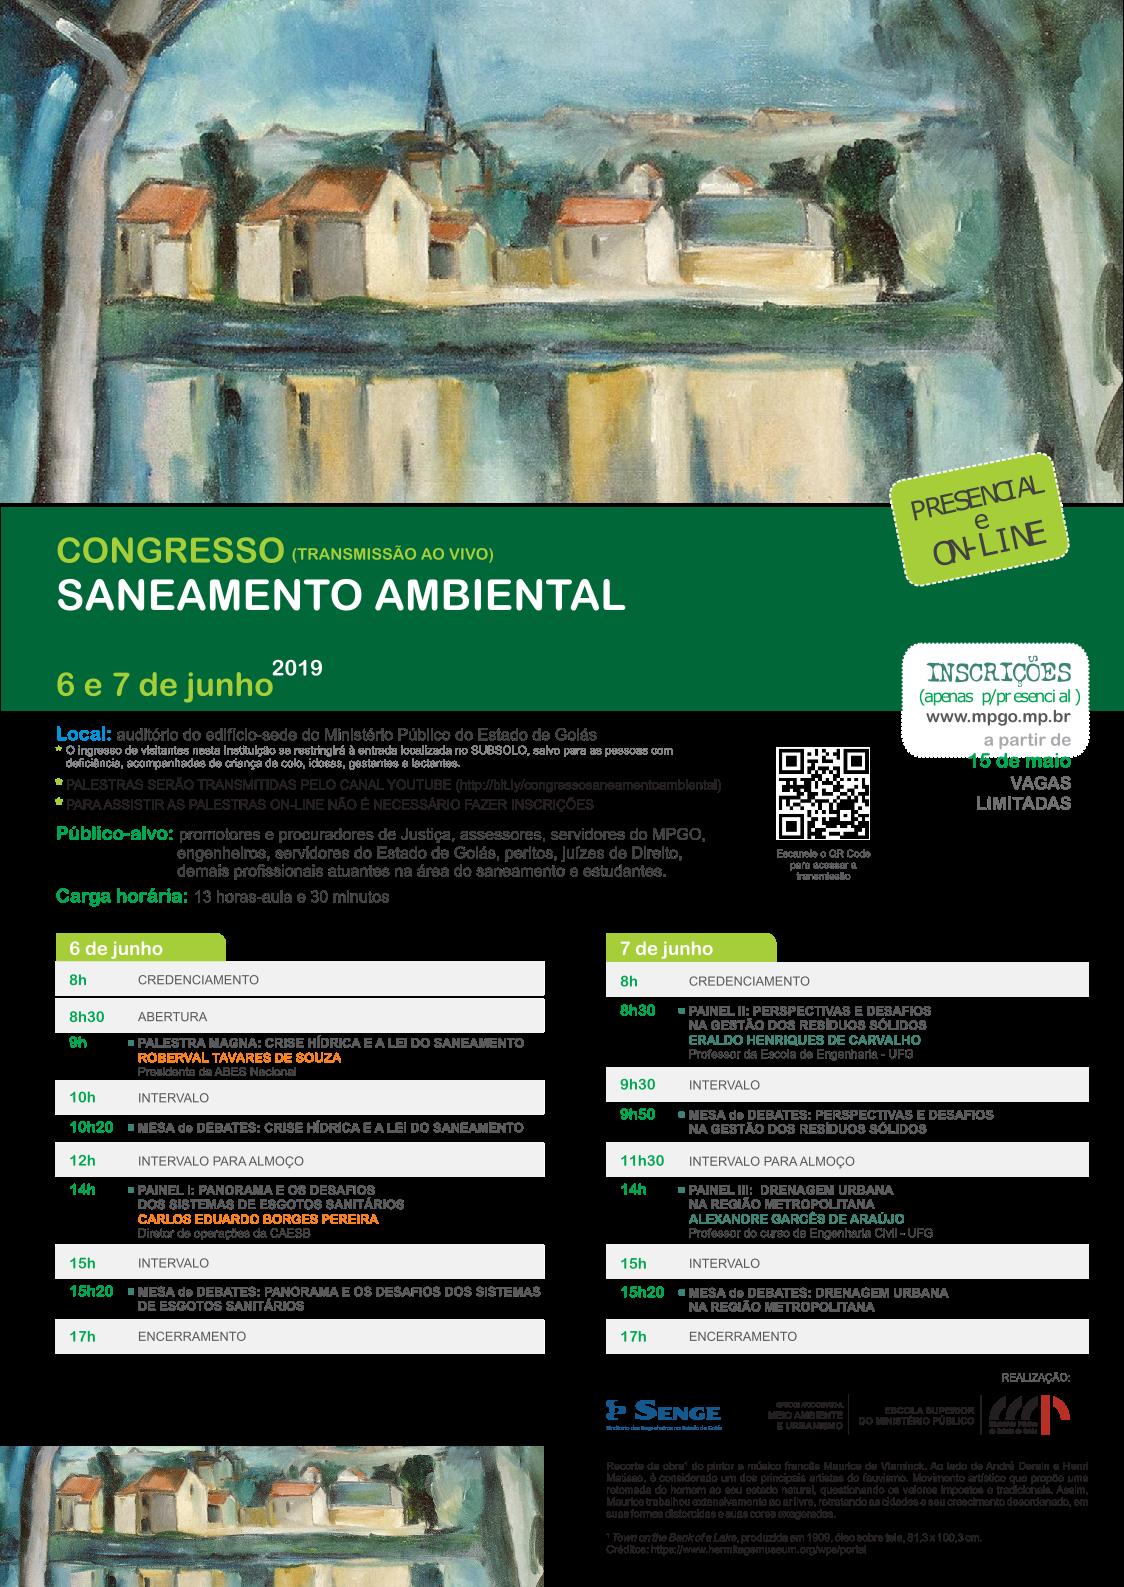 Congresso de Saneamento Ambiental de Goiás